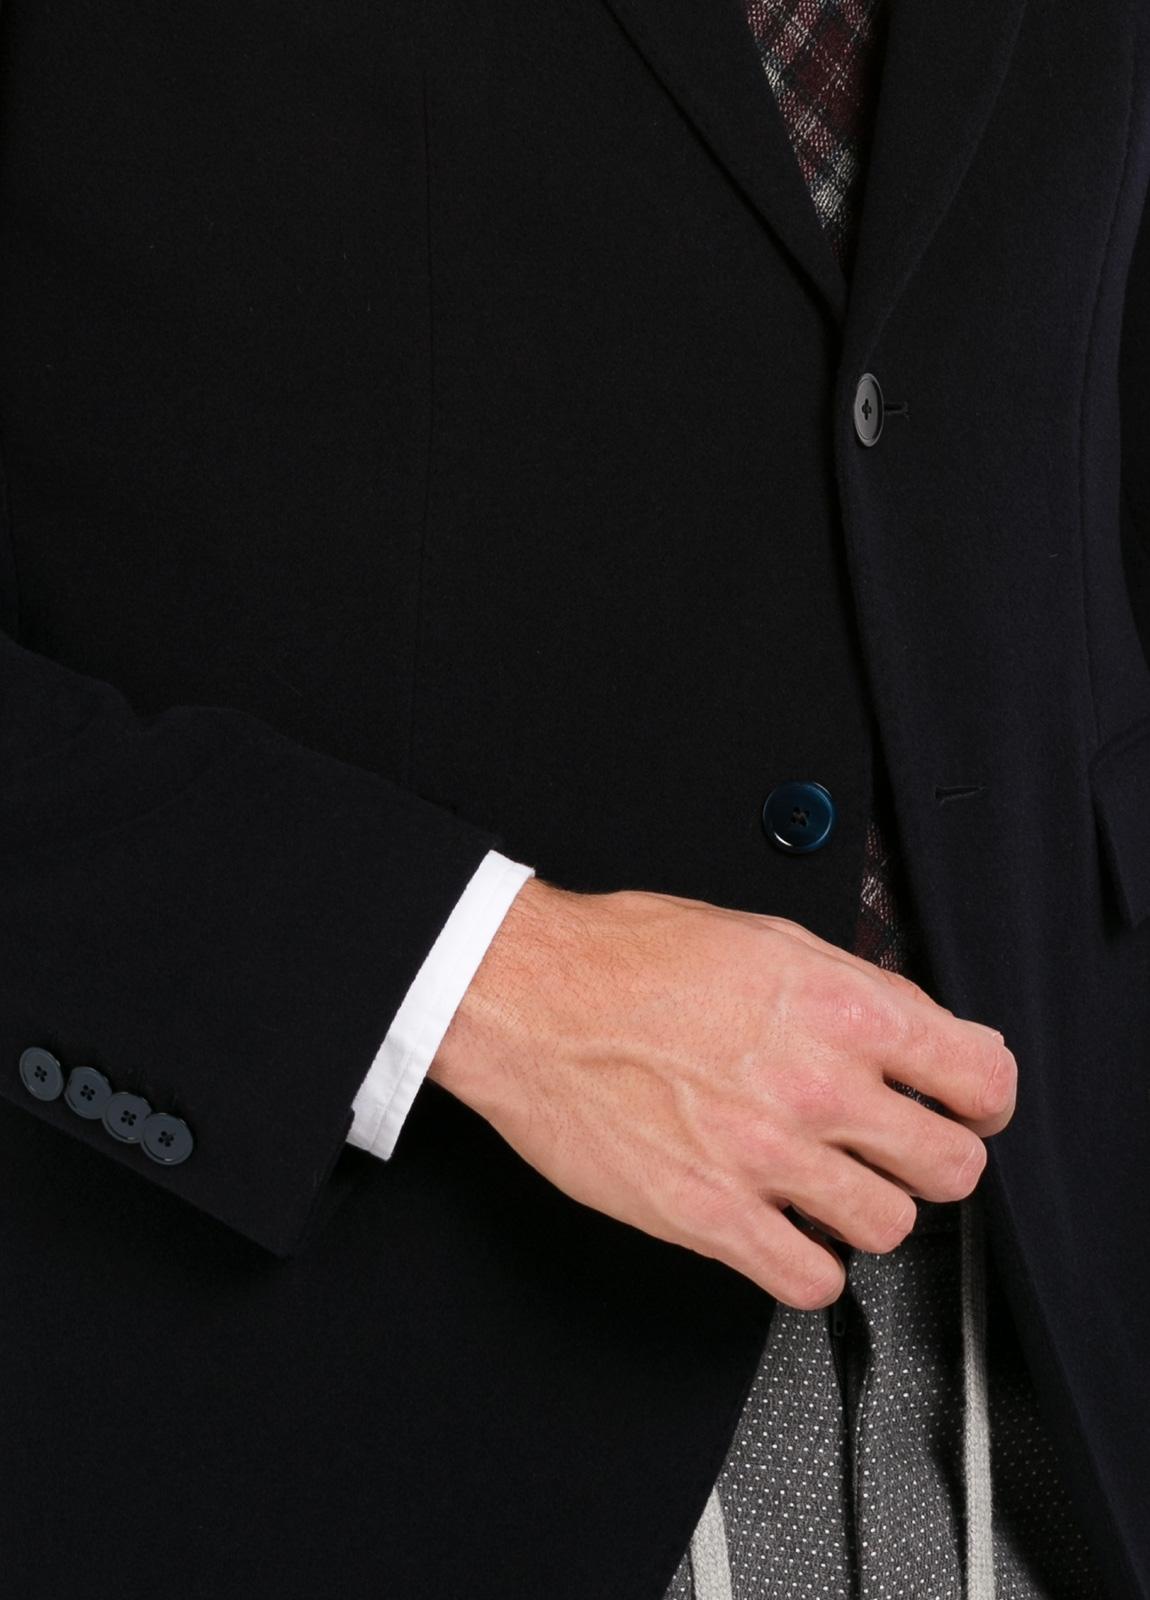 Americana 2 botones SLIM FIT gruesa de color azul marino liso con botones al tono. 67% Lana virgen, 28% Pol, 5% Cash. - Ítem2